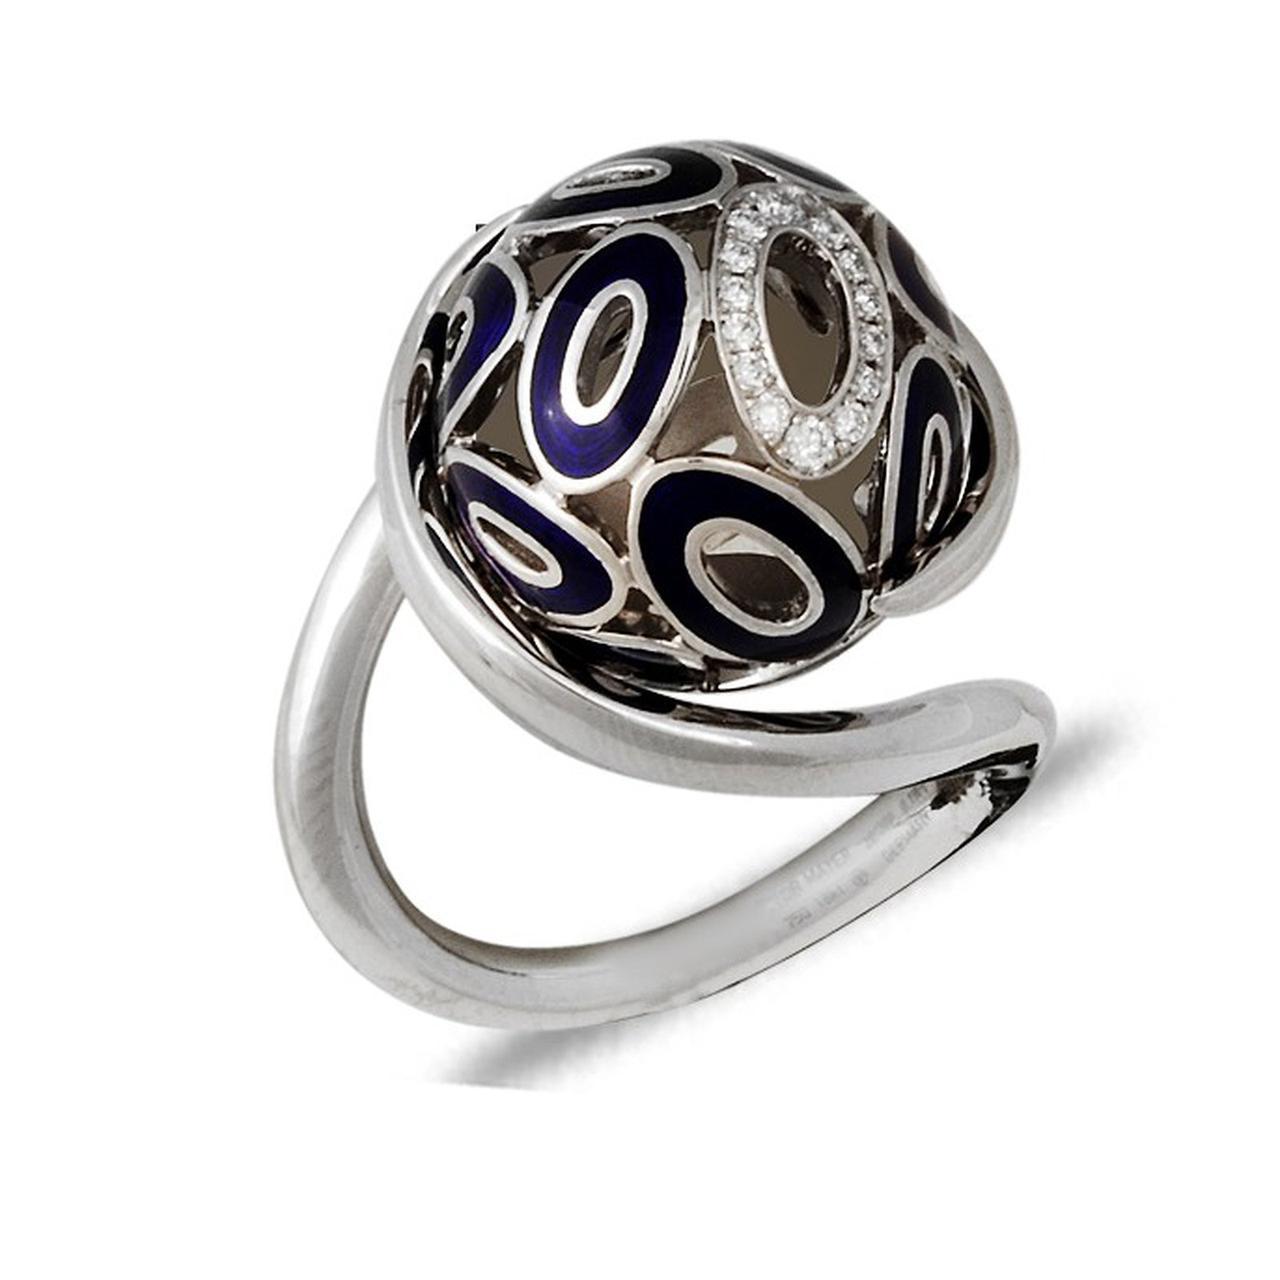 Золотое кольцо с бриллиантами и эмалью, размер 17 (032691)